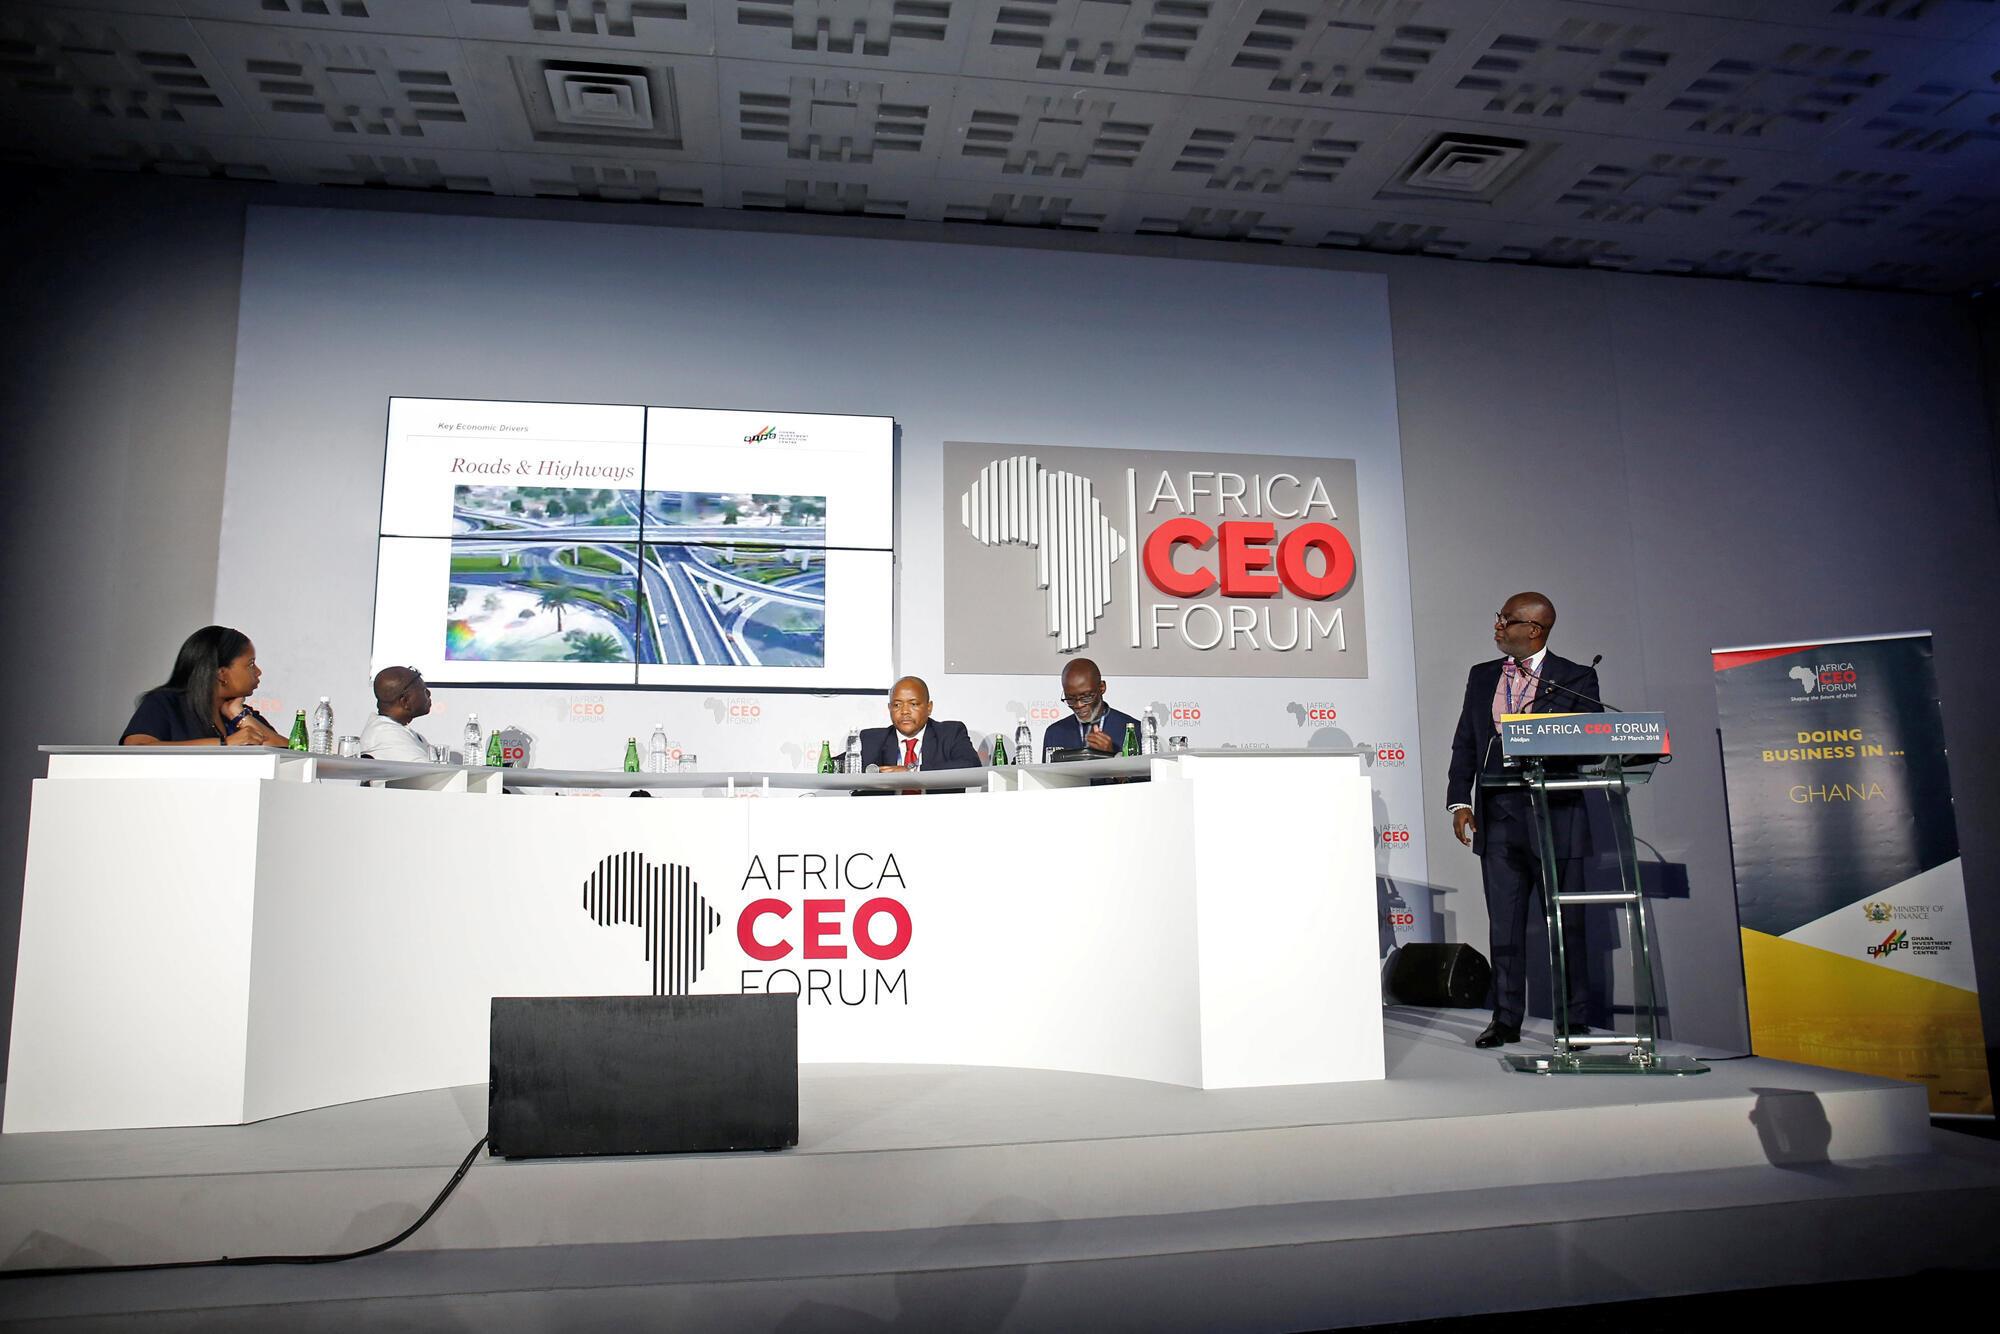 Des participants à la 6e édition d'Africa CEO Forum qui s'est tenue à Abidjan, en Côte d'Ivoire.